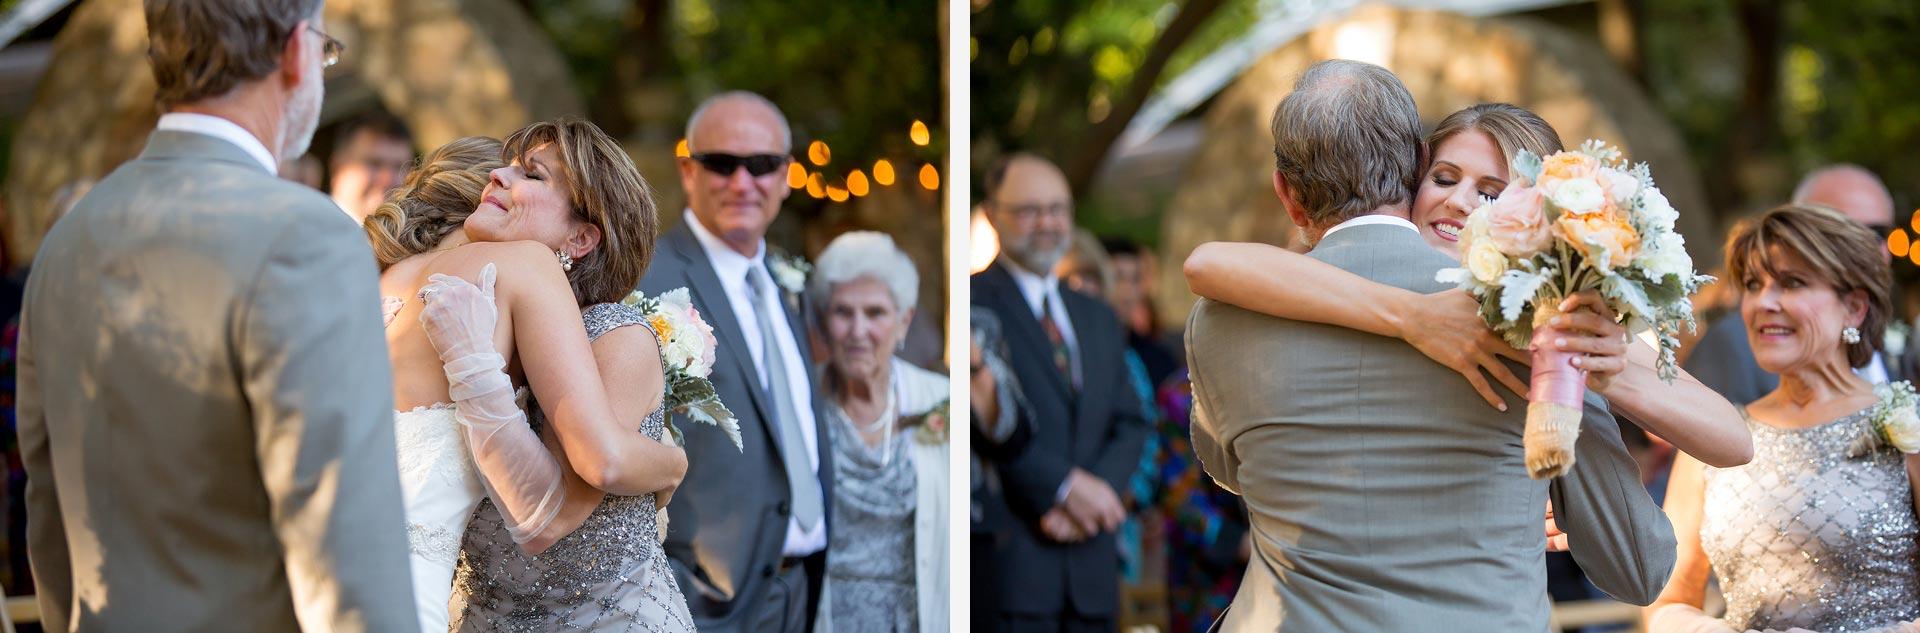 VOSH Austin Wedding